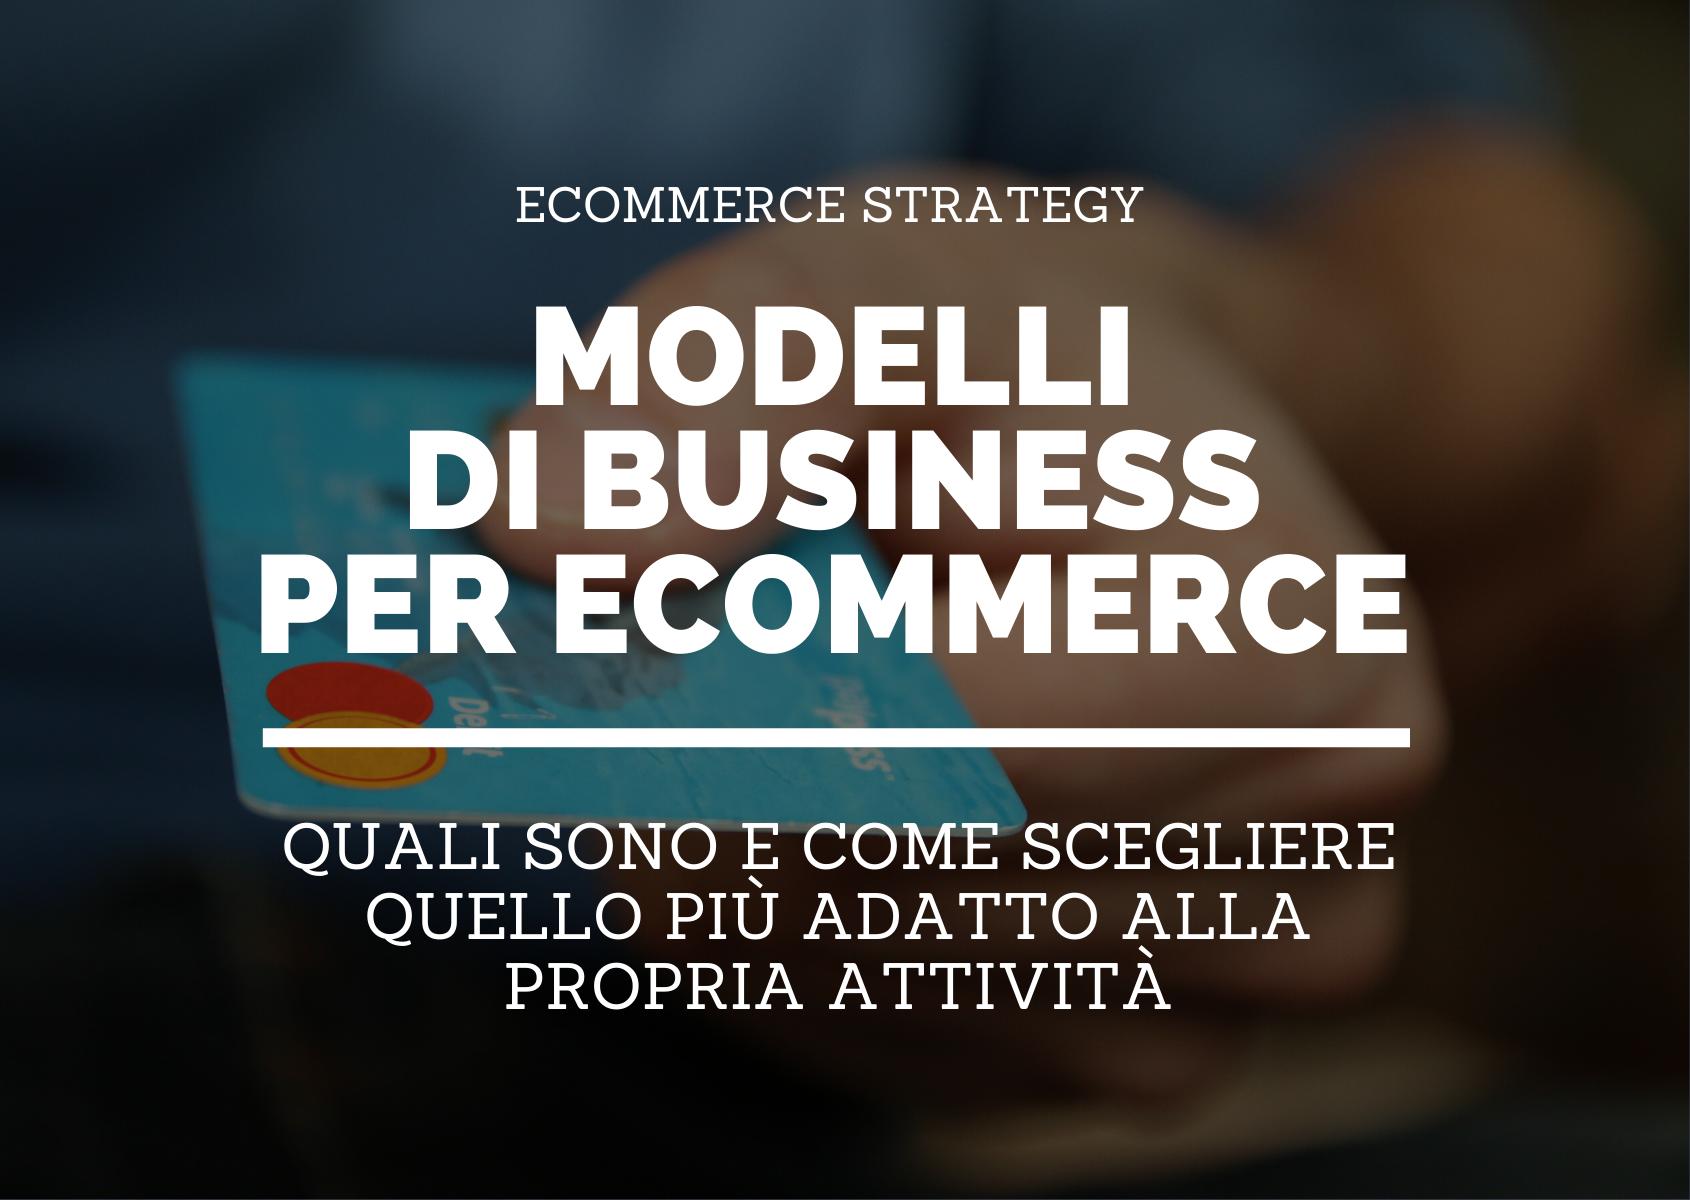 Modelli di business per ecommerce